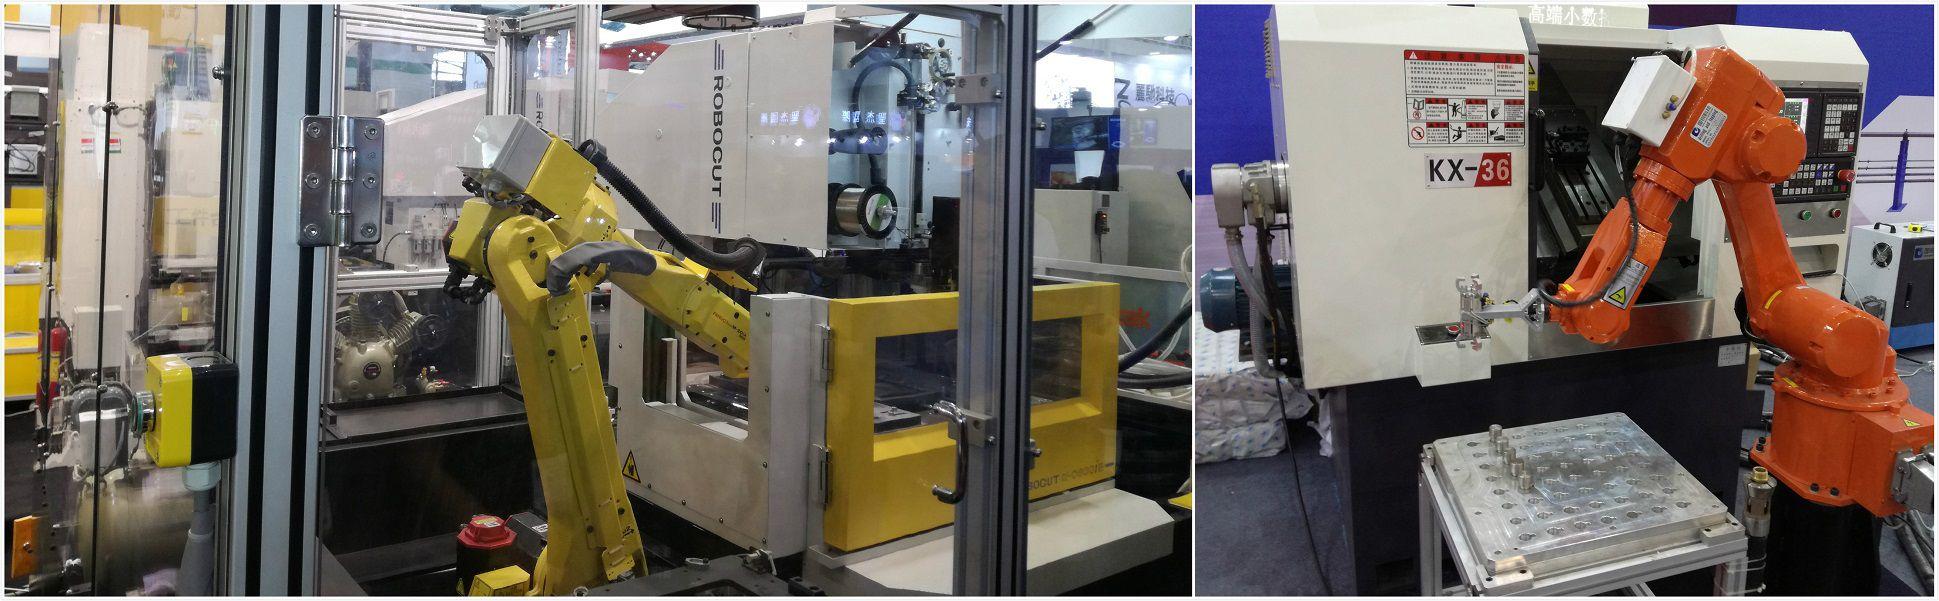 深圳拿铁智能装备科技有限公司